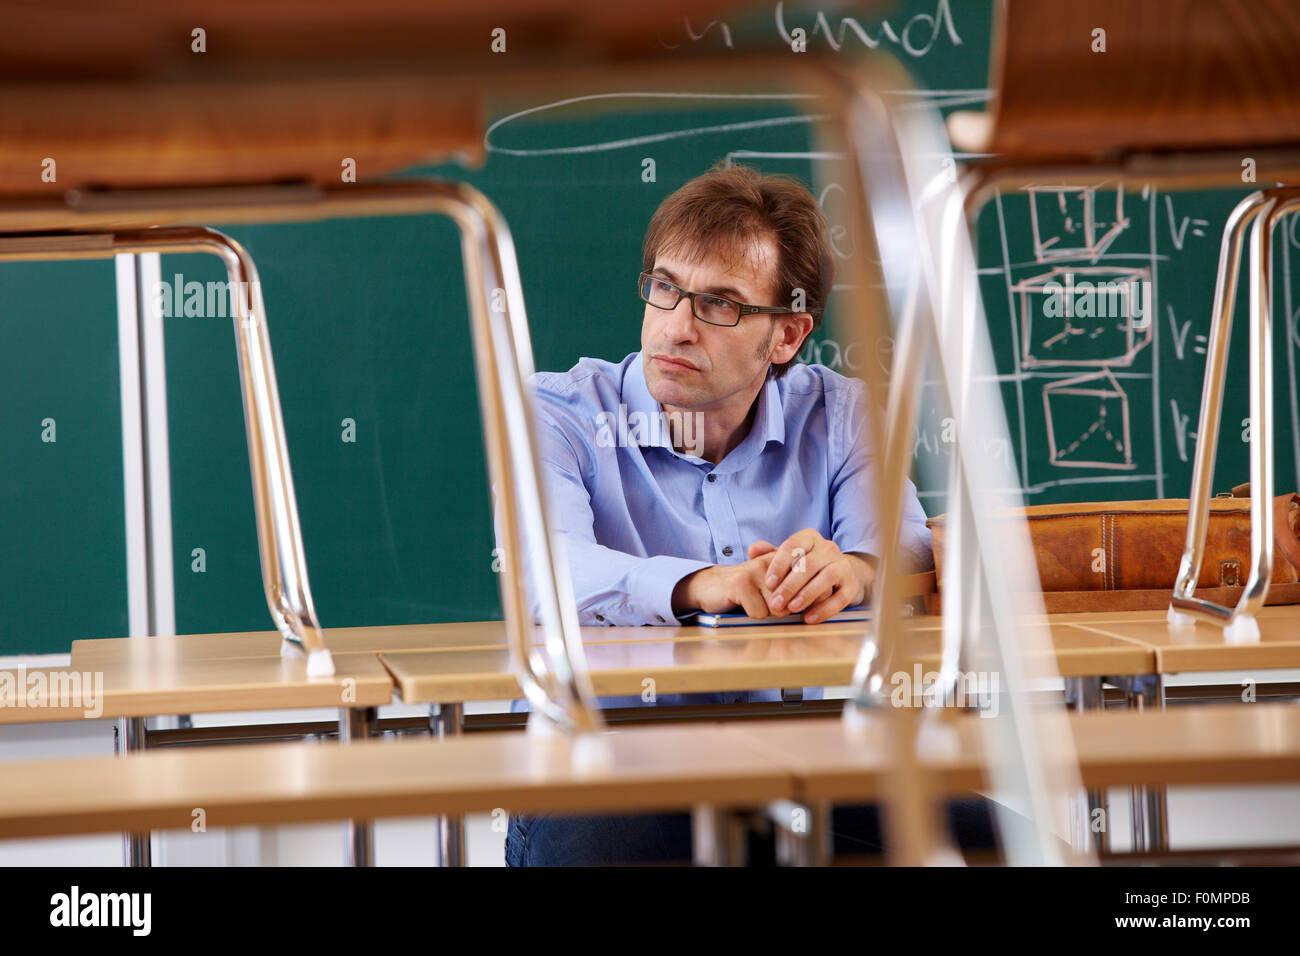 Épuisé enseignant en salle de classe Photo Stock